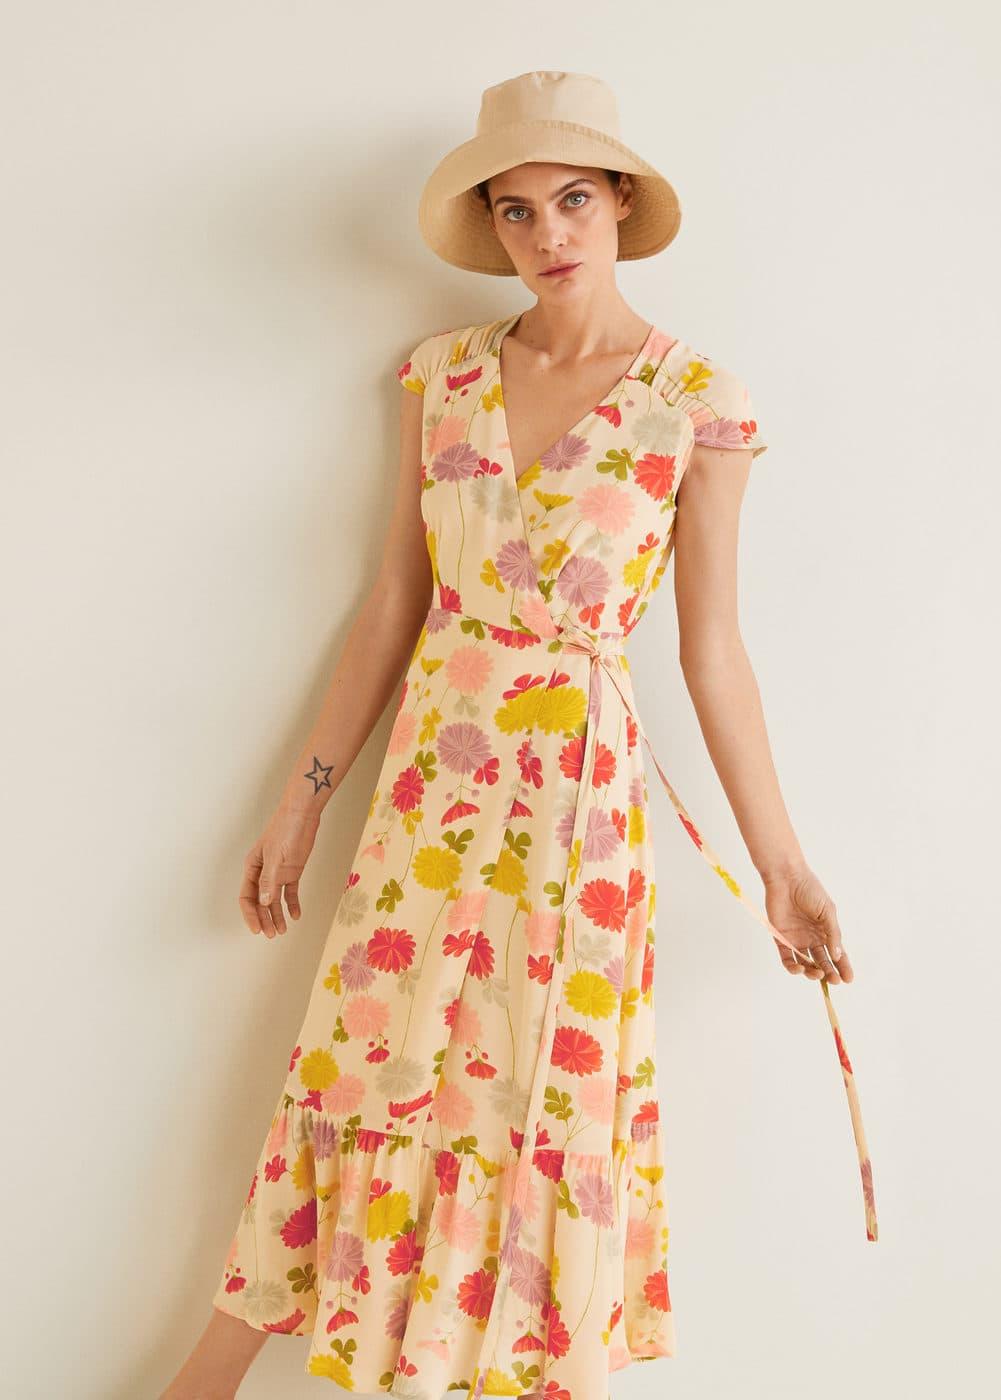 e0988c916e9799 Floral print dress - Women